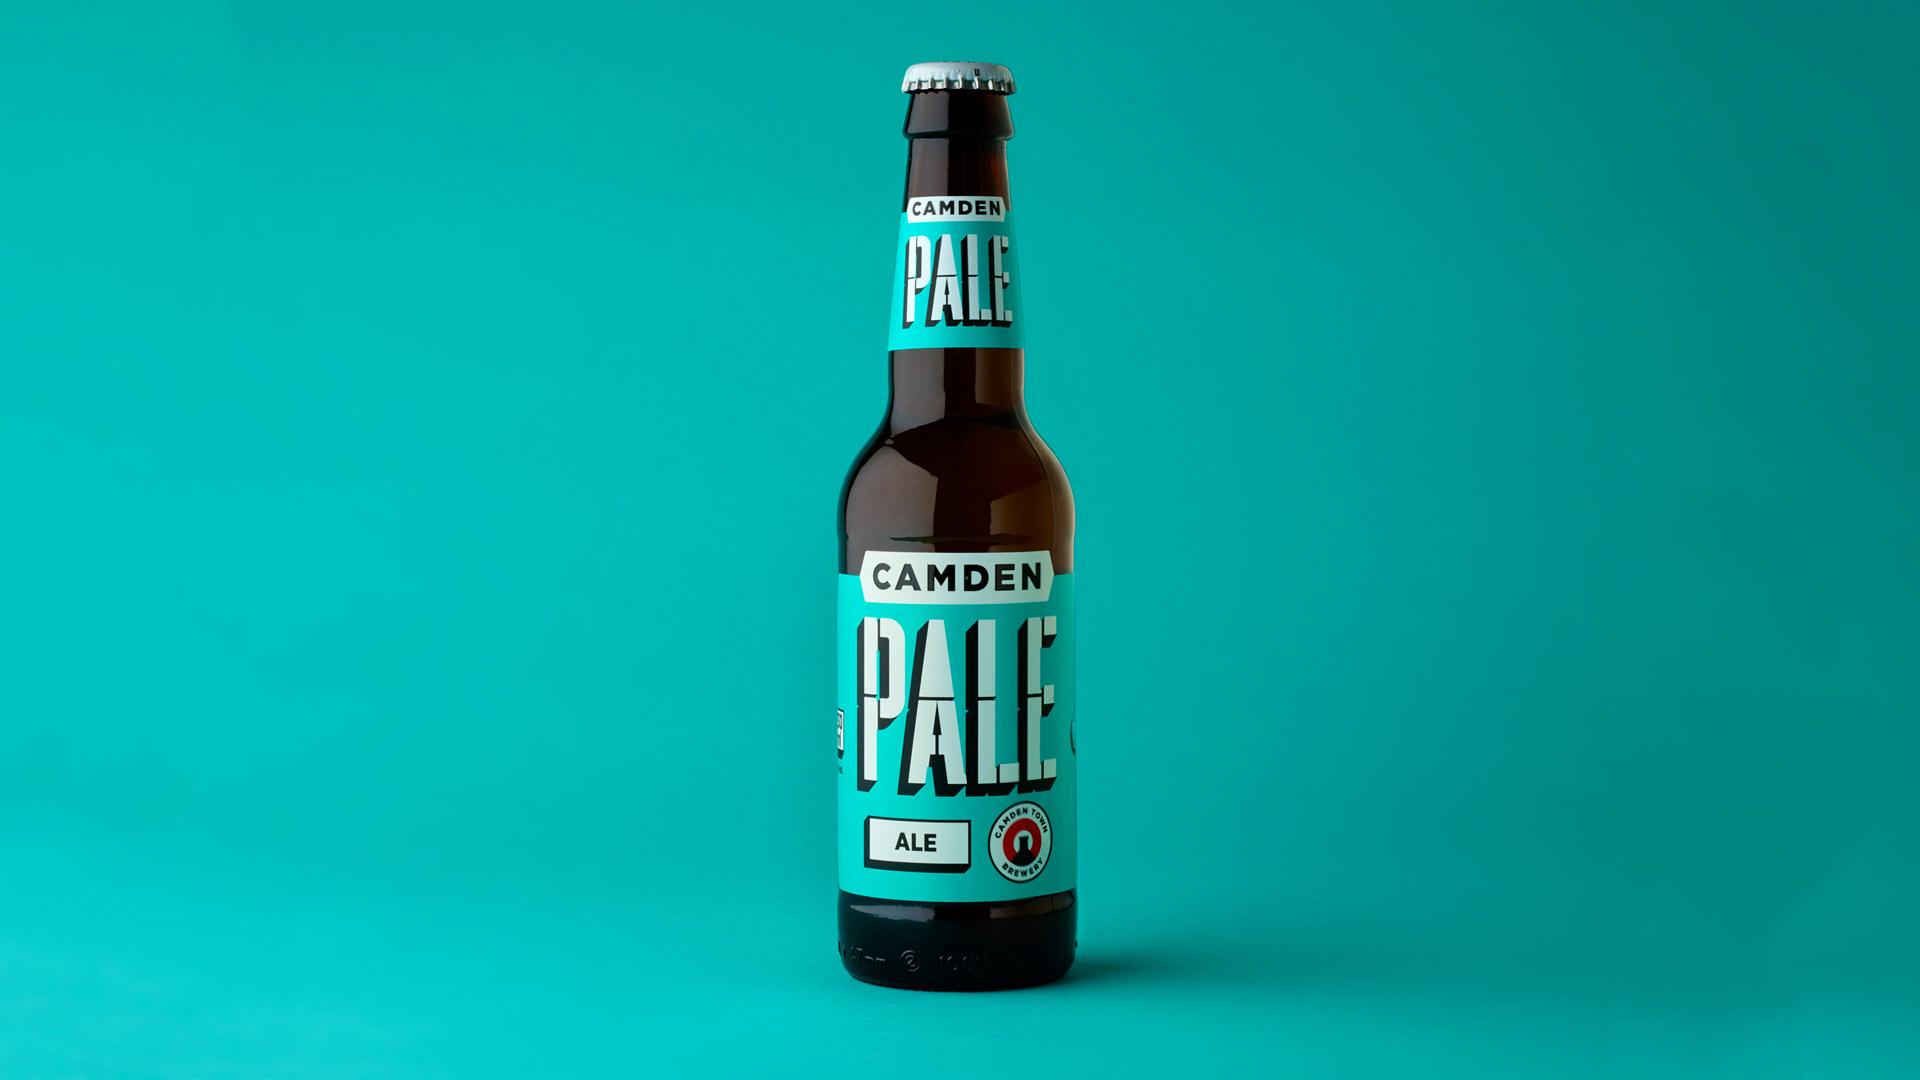 Camden Rebrand - Pale Ale